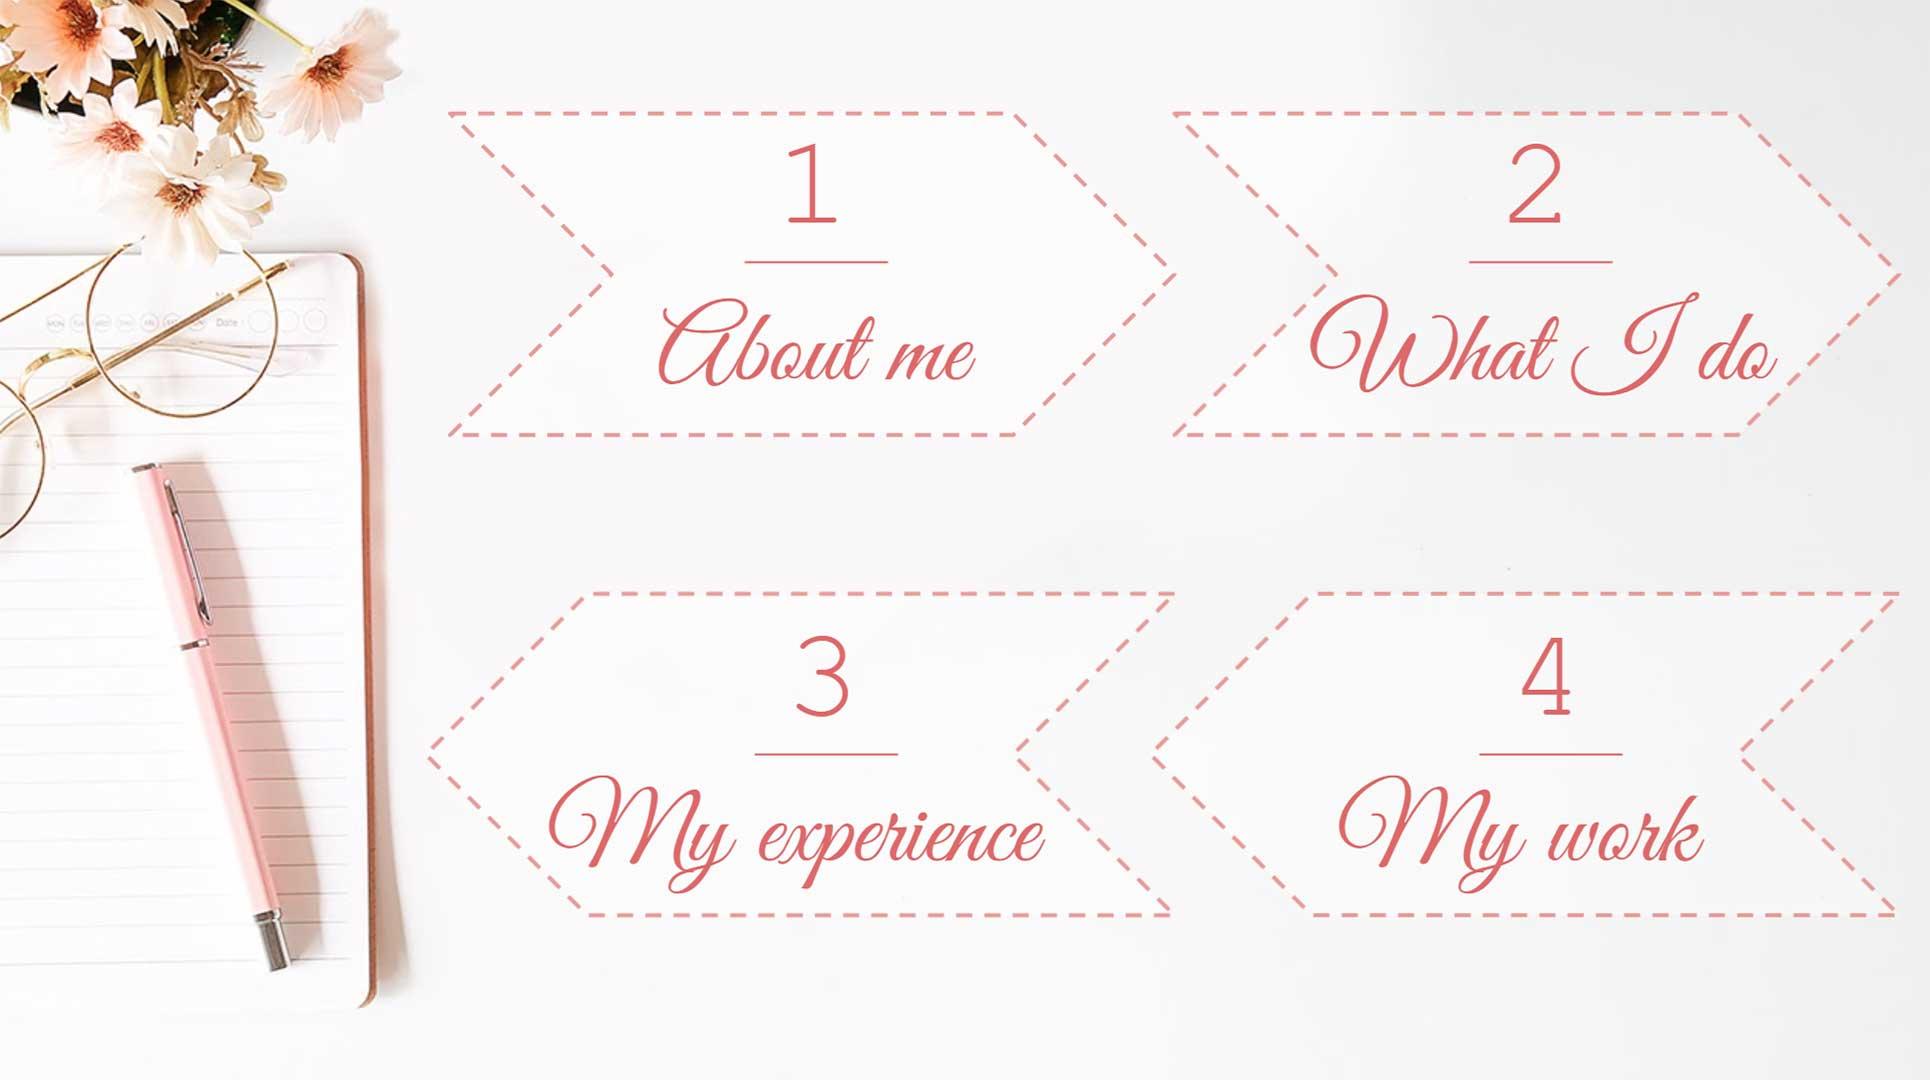 Designer Portfolio Page 2 Template for Google Slides